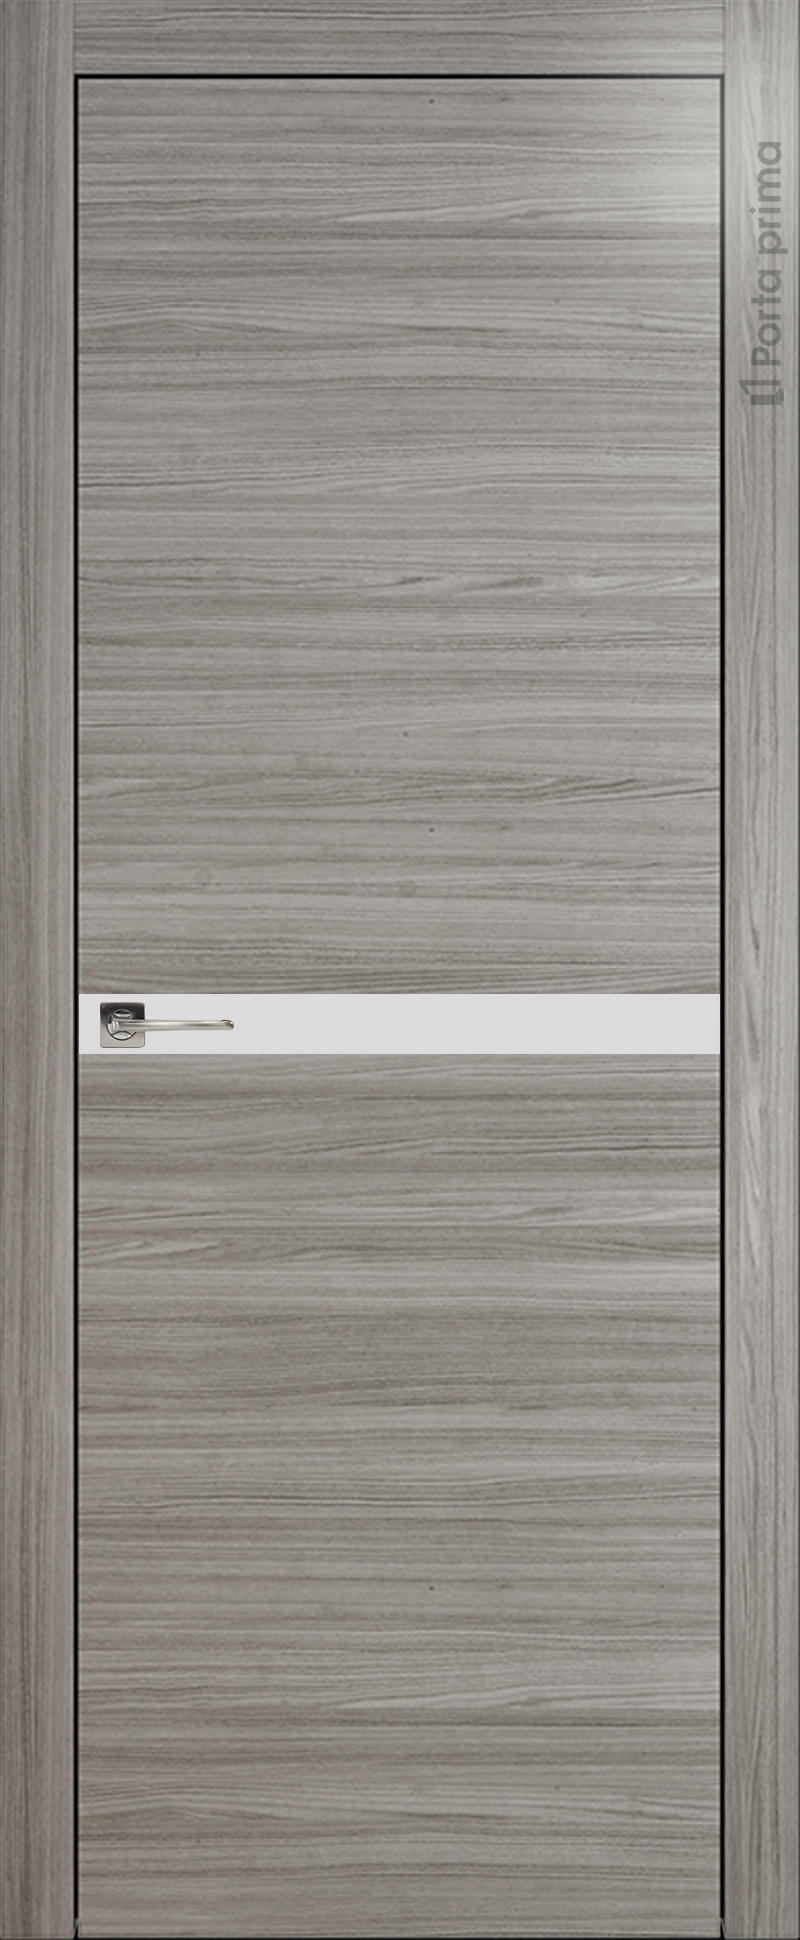 Tivoli Б-4 цвет - Орех пепельный Без стекла (ДГ)